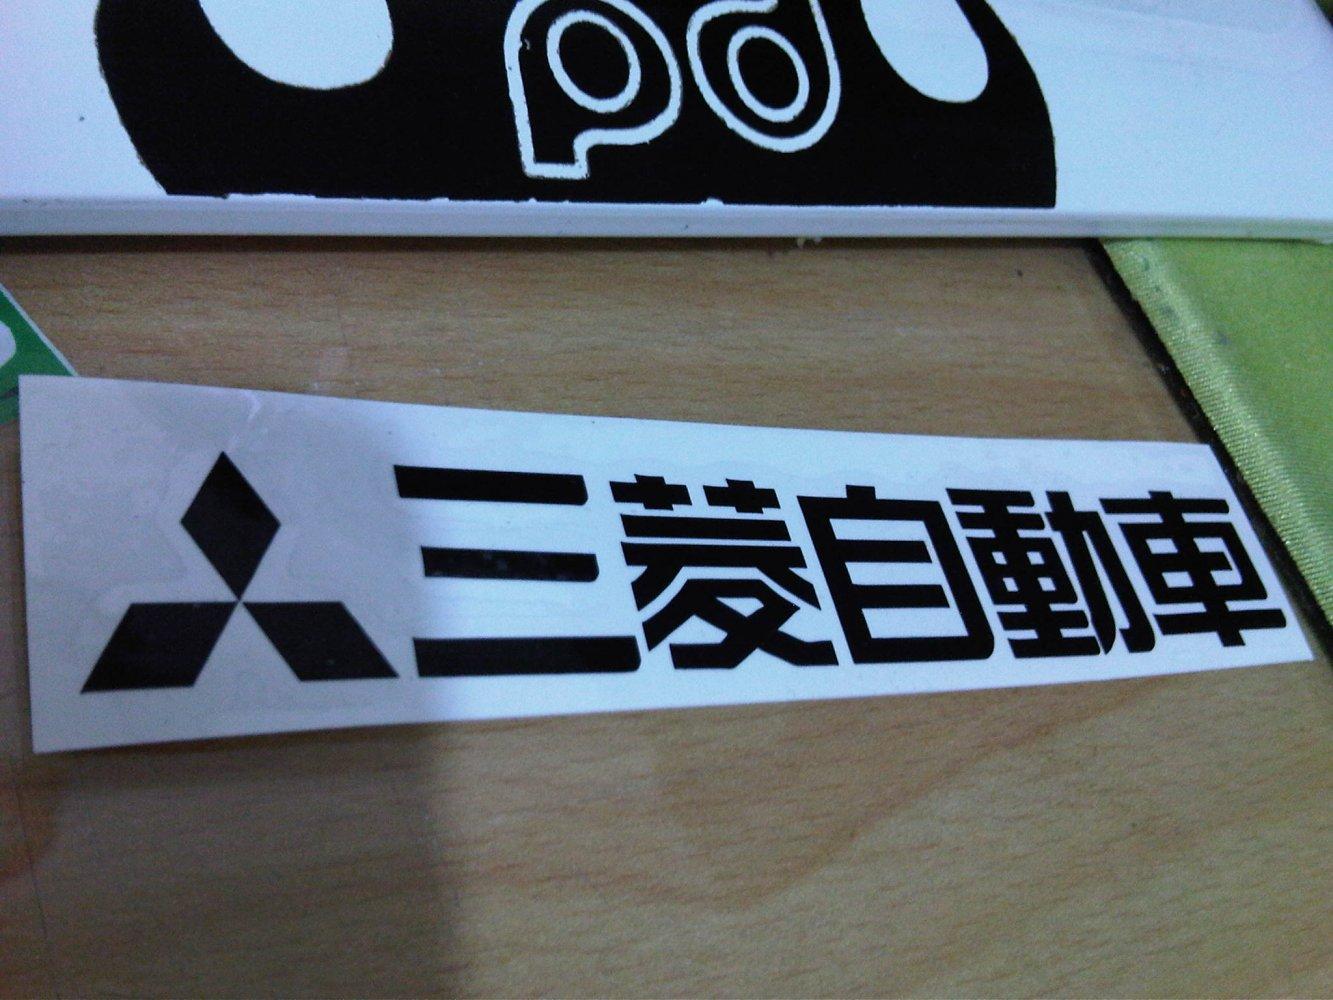 Jdm style sticker mitsubishi kanji img00455 20120505 1045